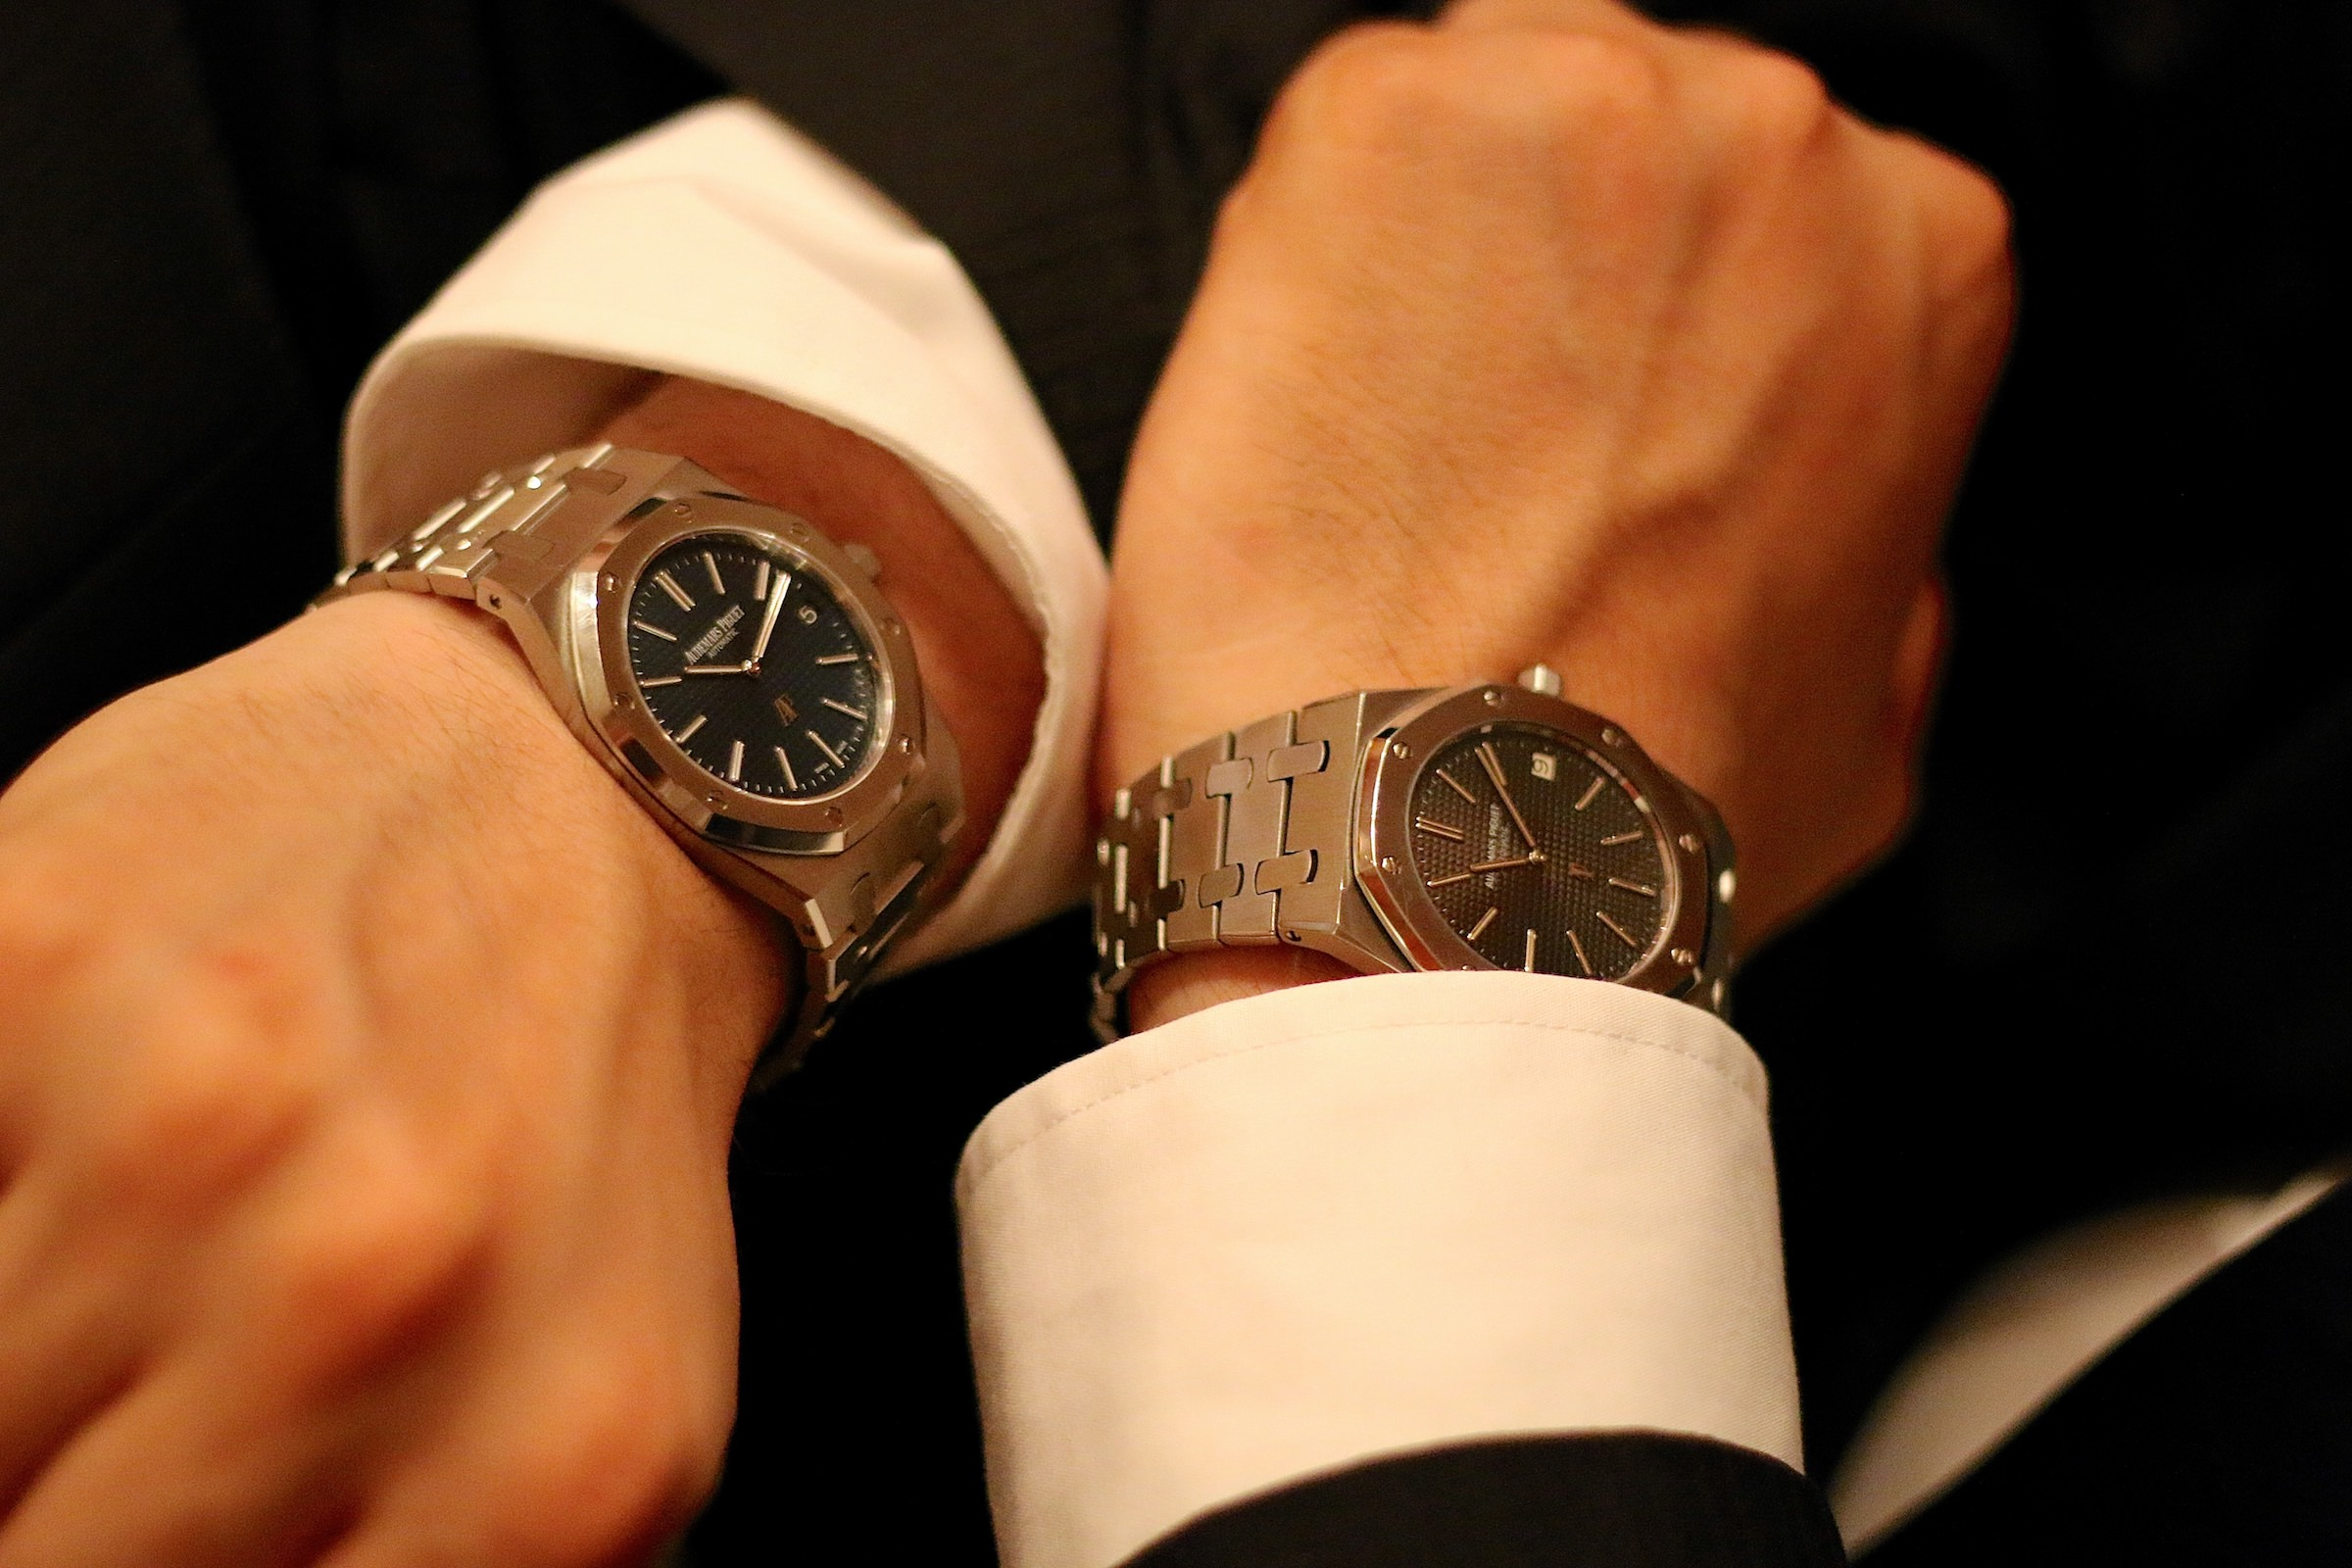 Uhrendinner von Audemars Piguet und Watchlounge